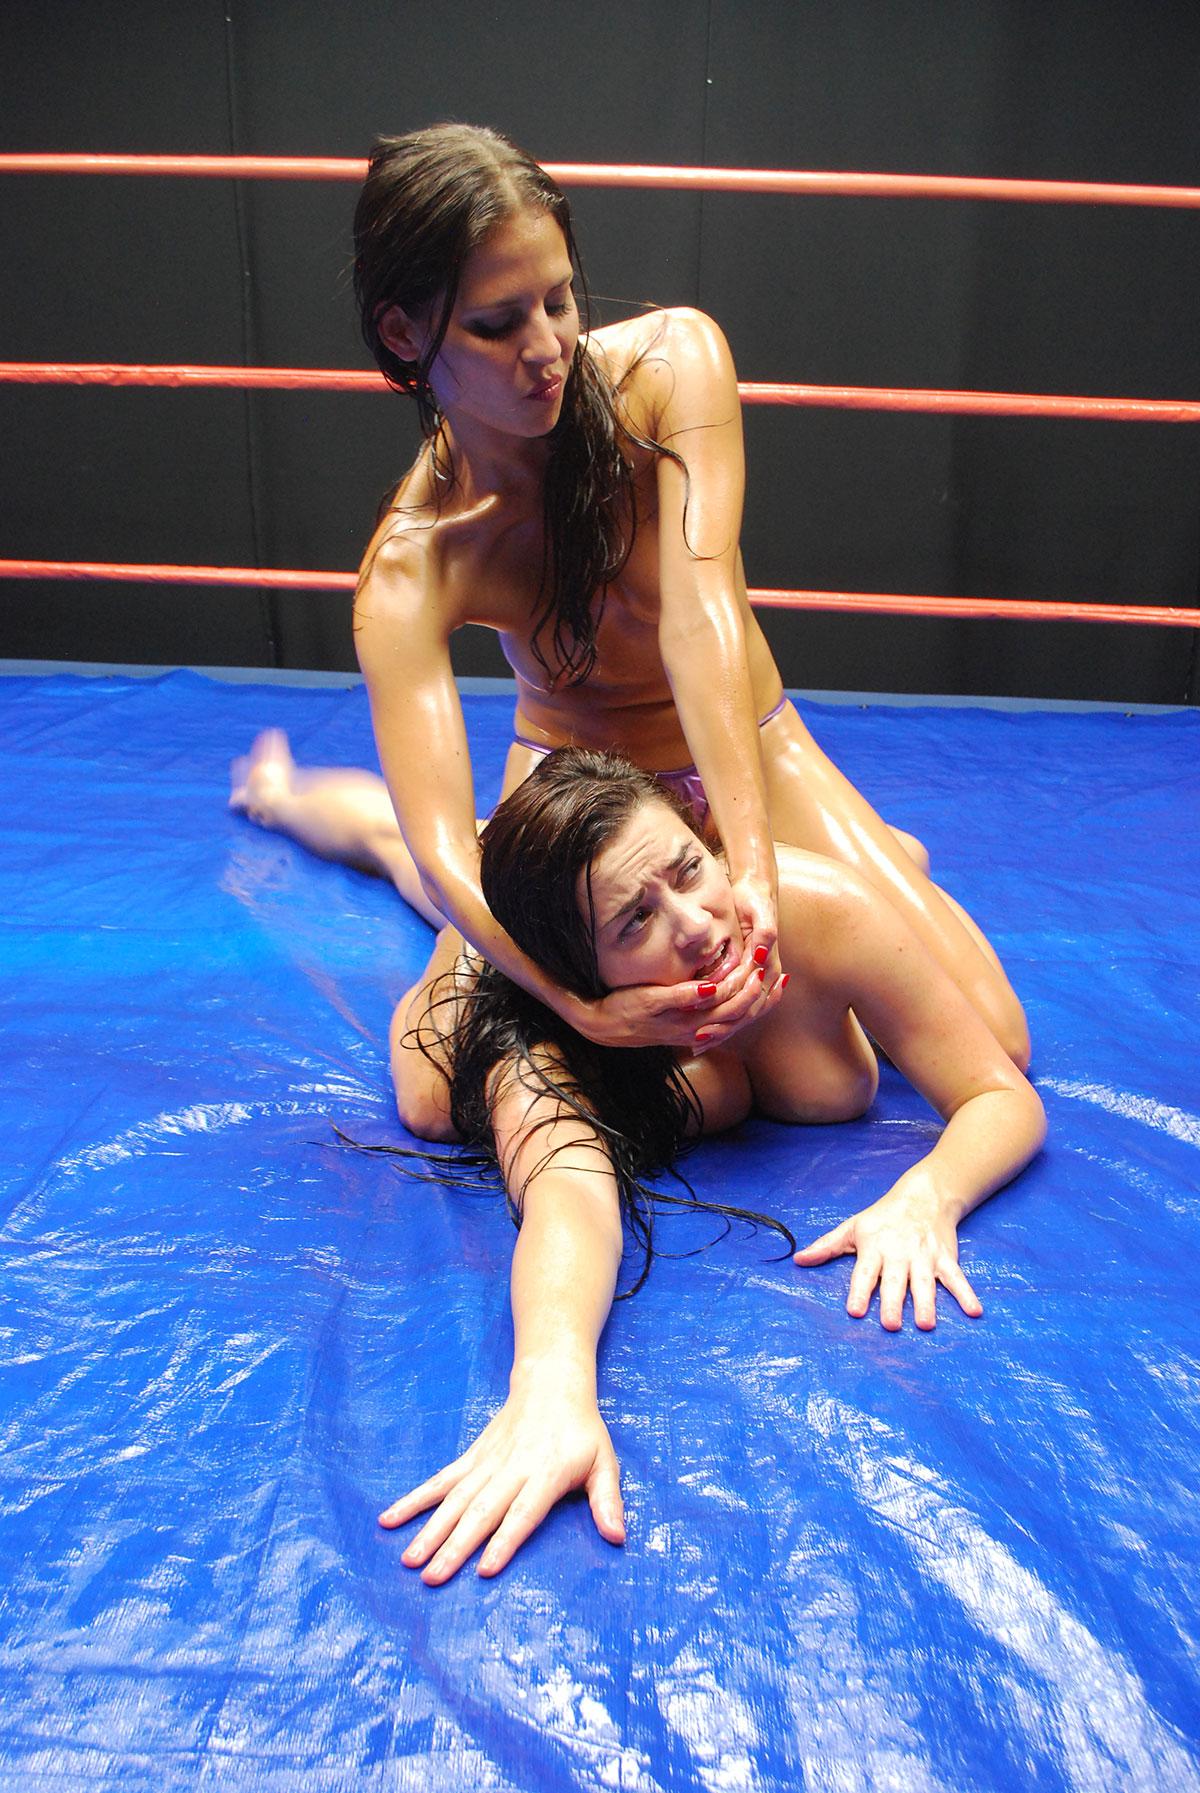 Nude female oil wrestling